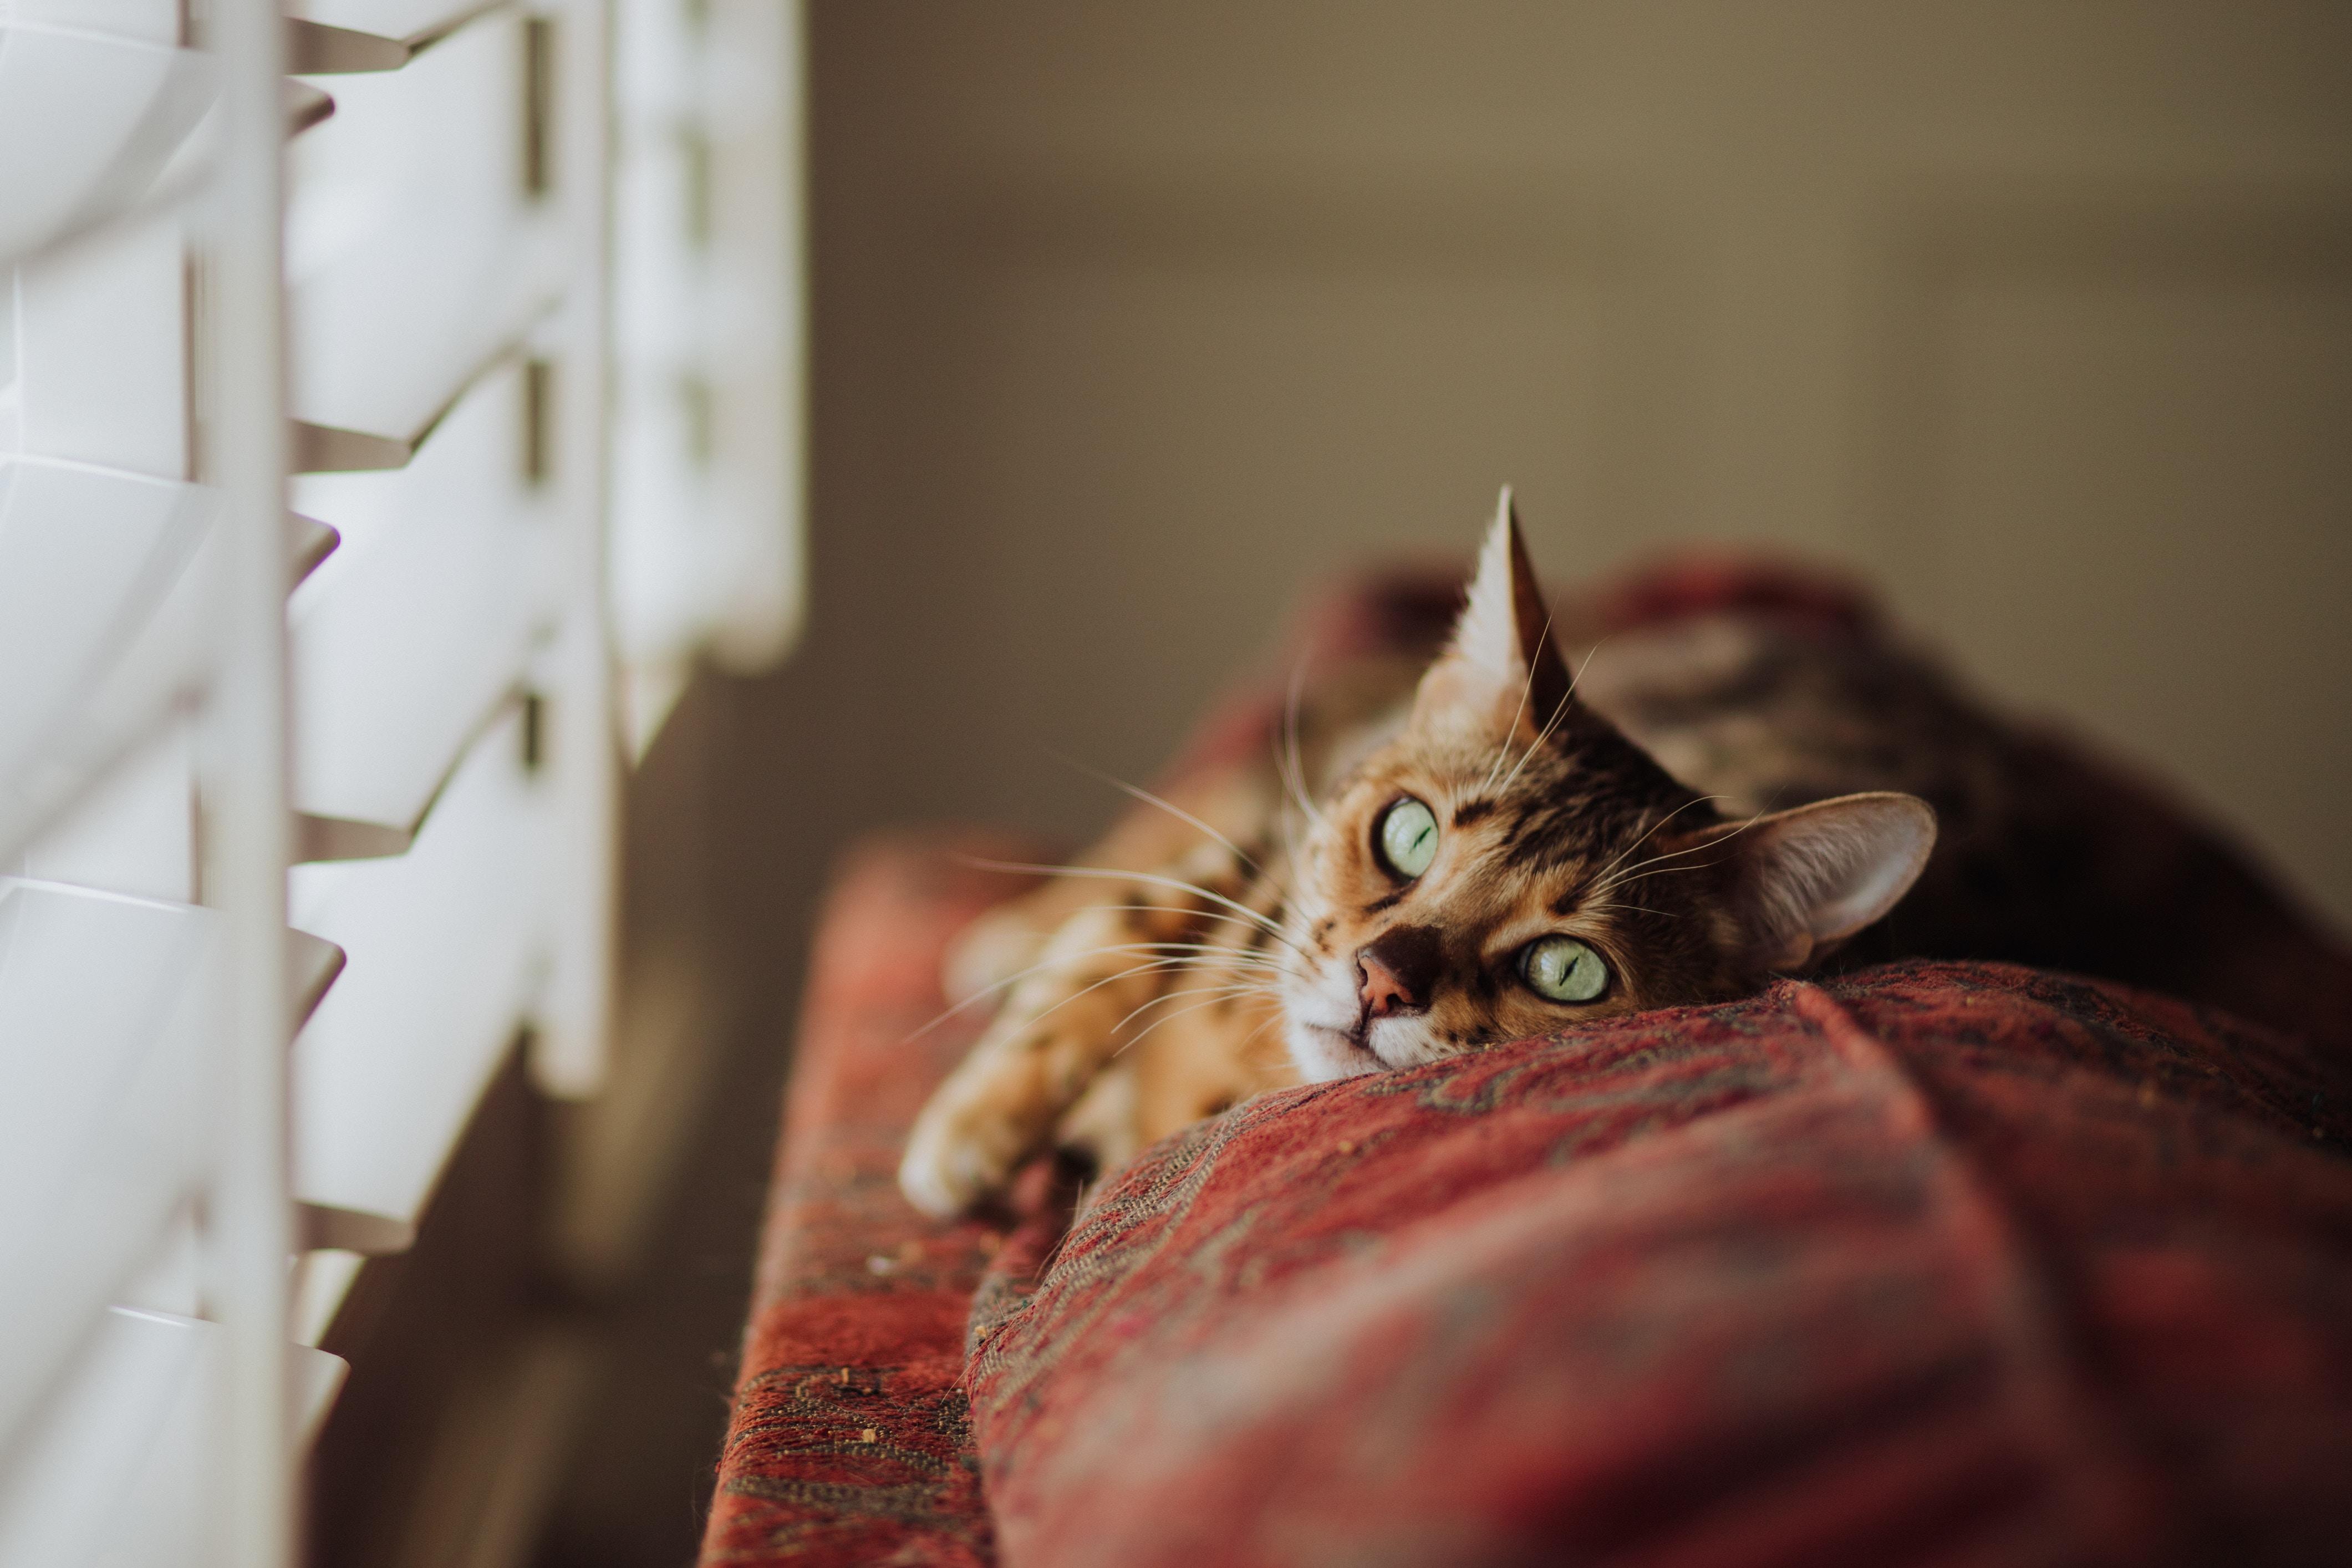 窓辺でこっちを見てる猫